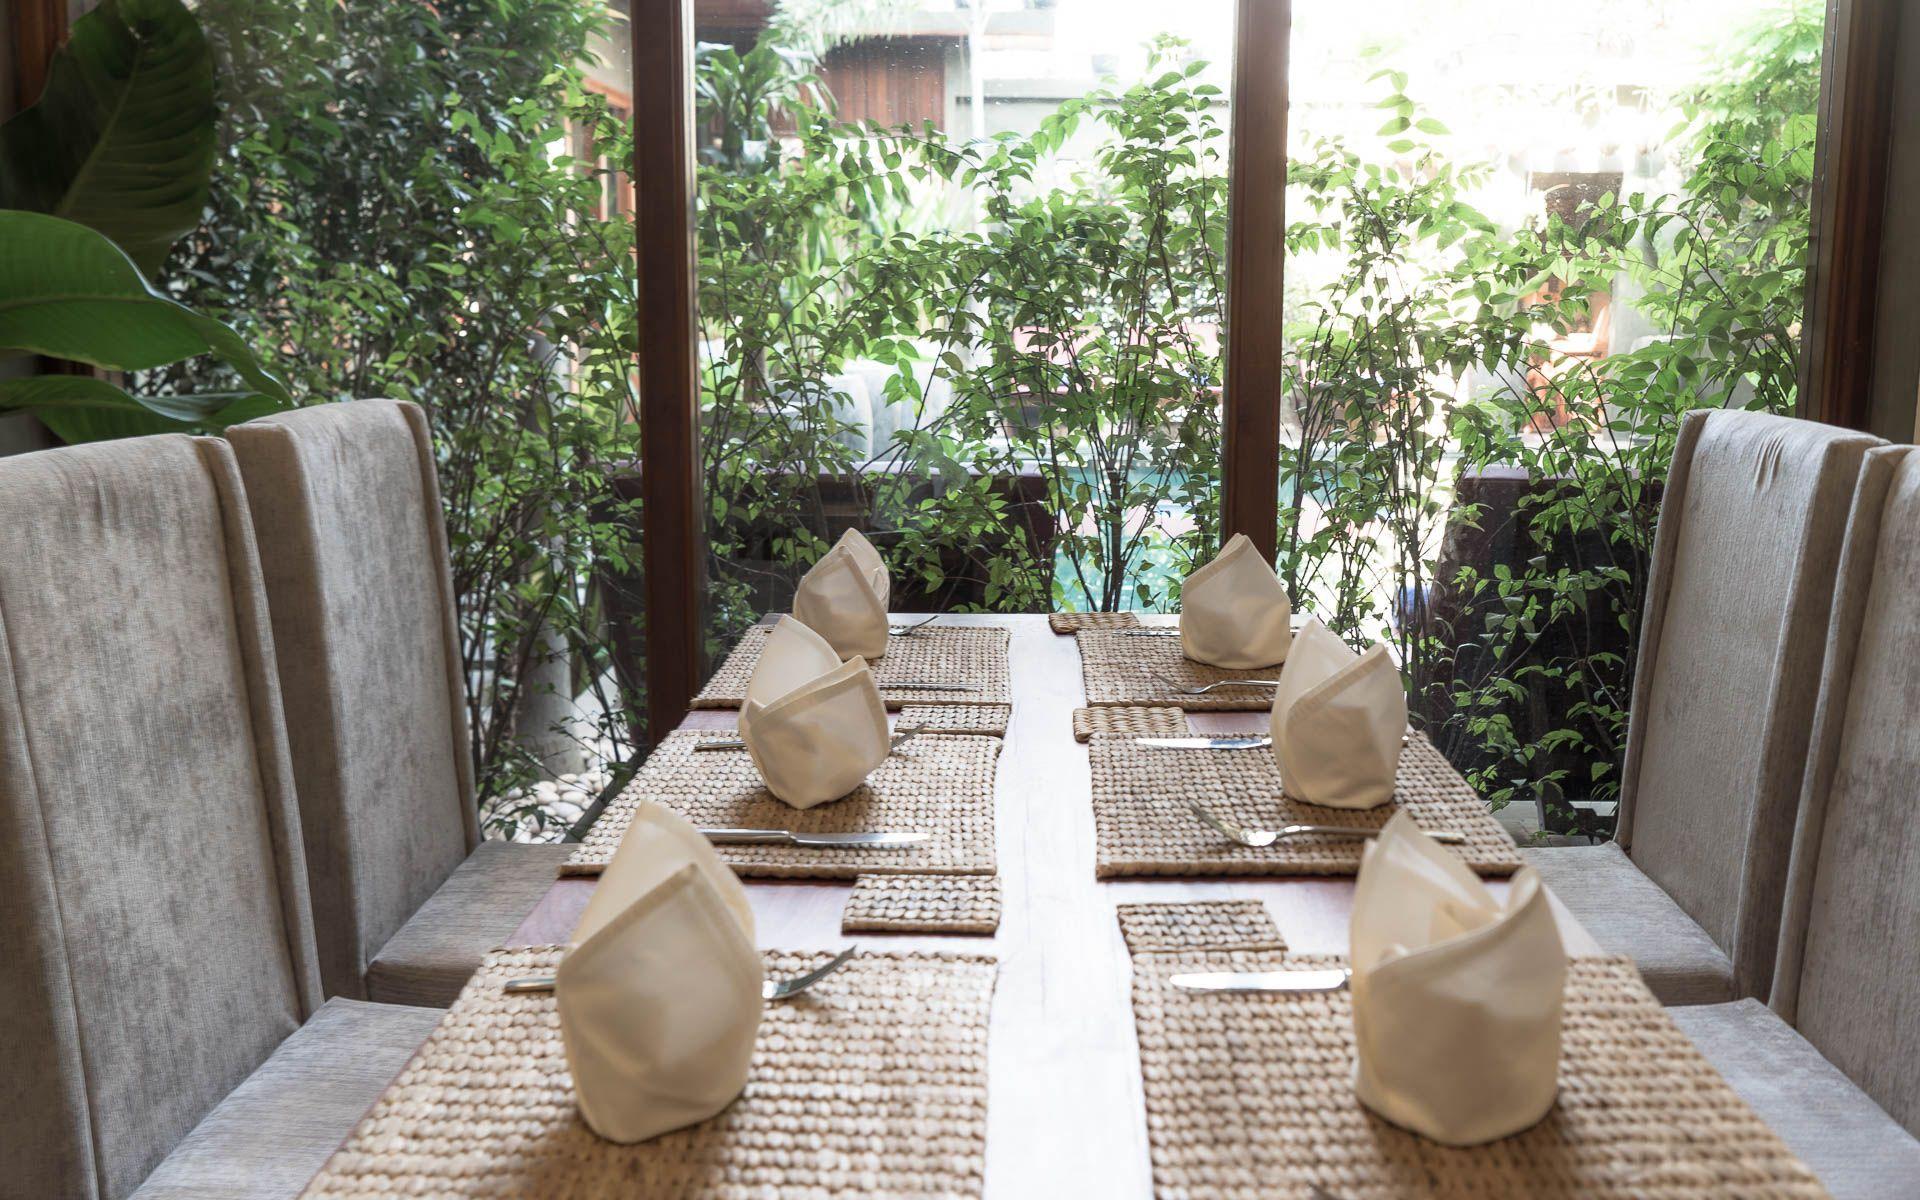 Lesvoyageuses-guide-voyage-siem-reap-angkor-cambodge-won-residence-4